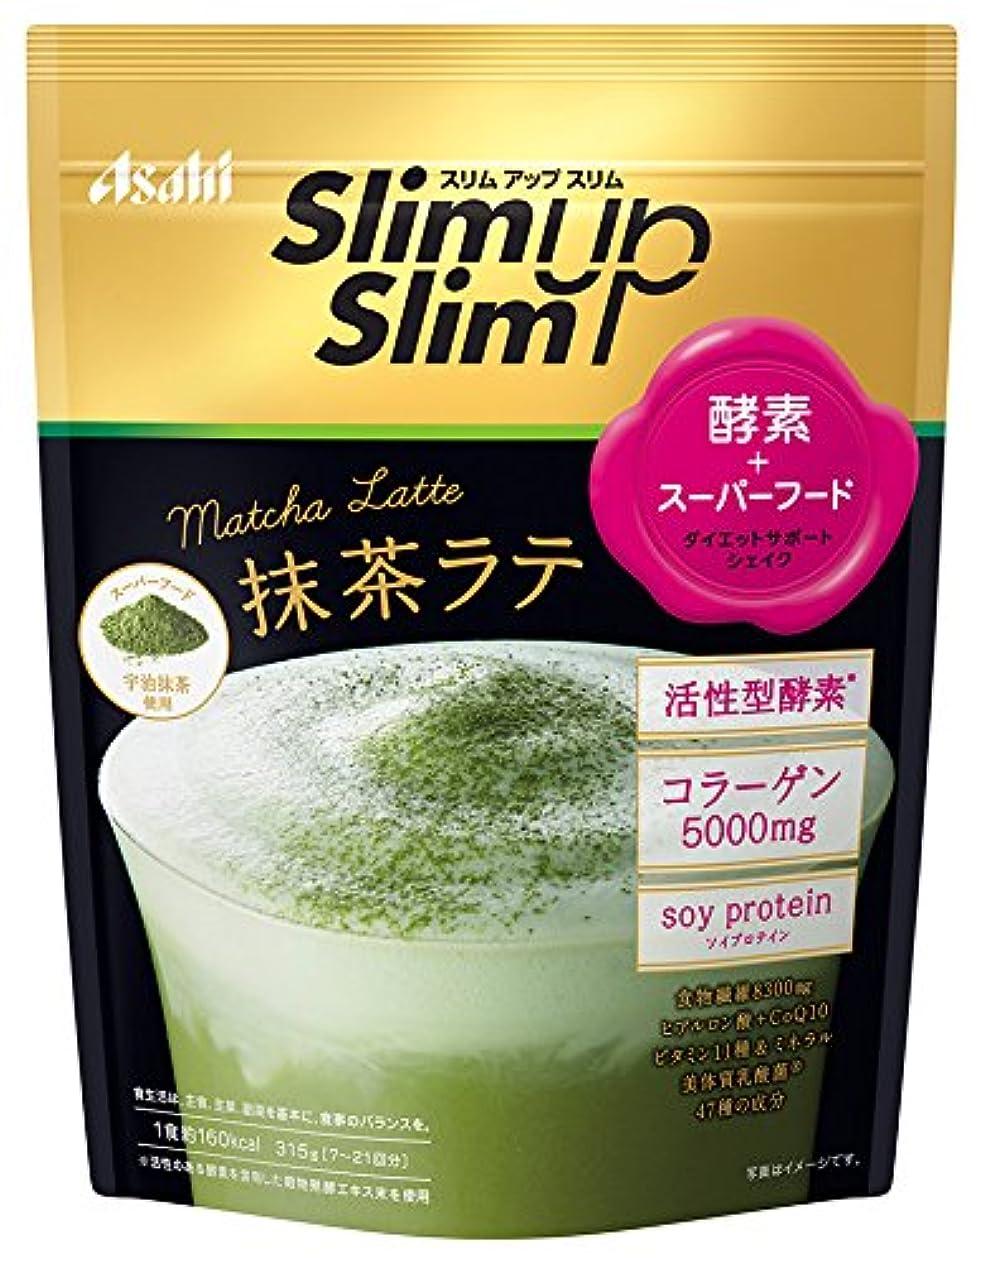 野菜肥満進む酵素+スーパーフードシェイク 抹茶ラテ315g×10